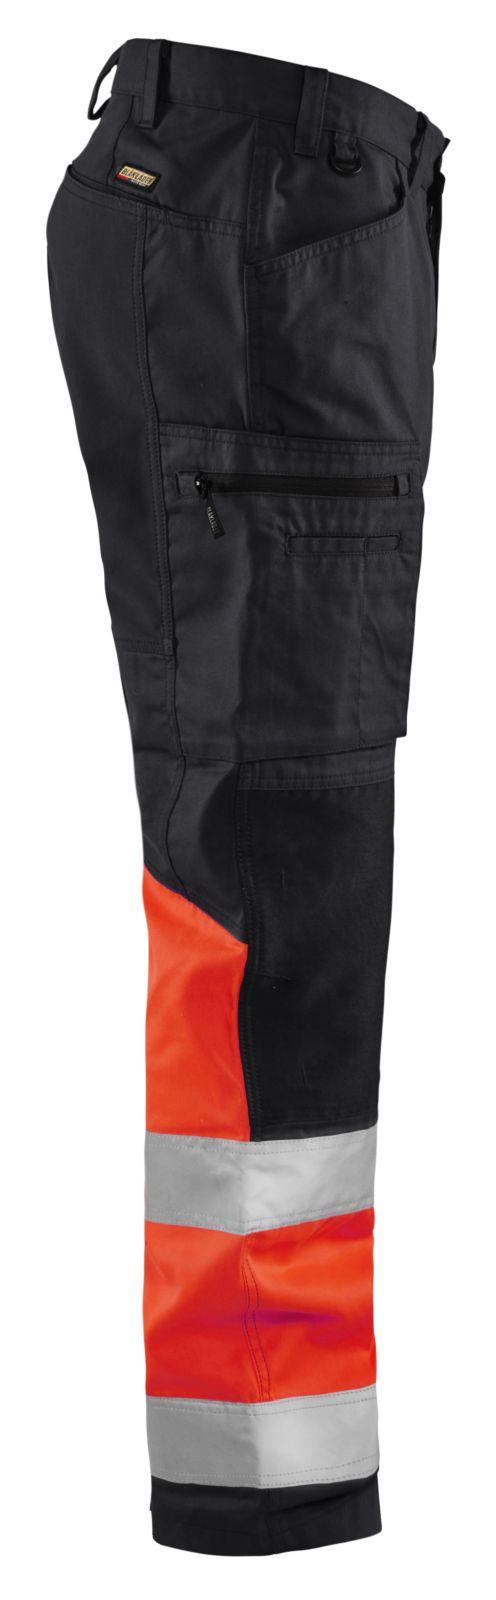 Blaklader Broeken 15511811 High Vis zwart-fluo rood(9955)